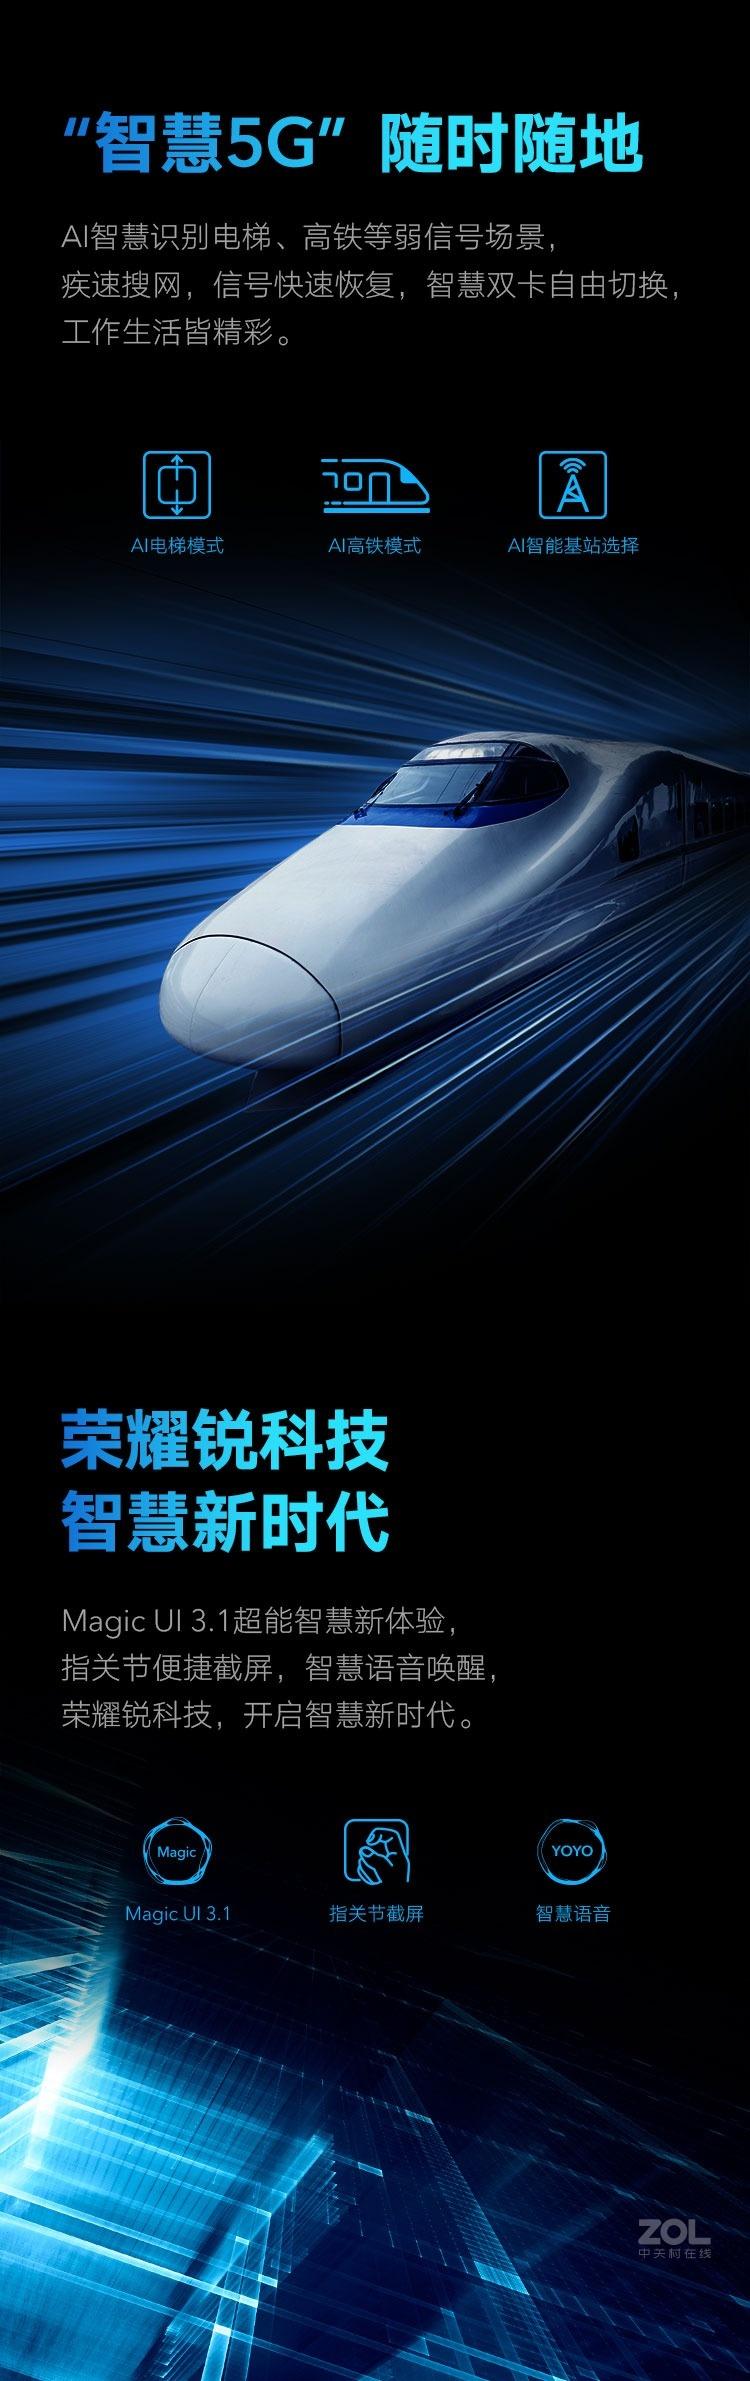 荣耀X10(6GB/128GB/全网通/5G版)评测图解产品亮点图片8